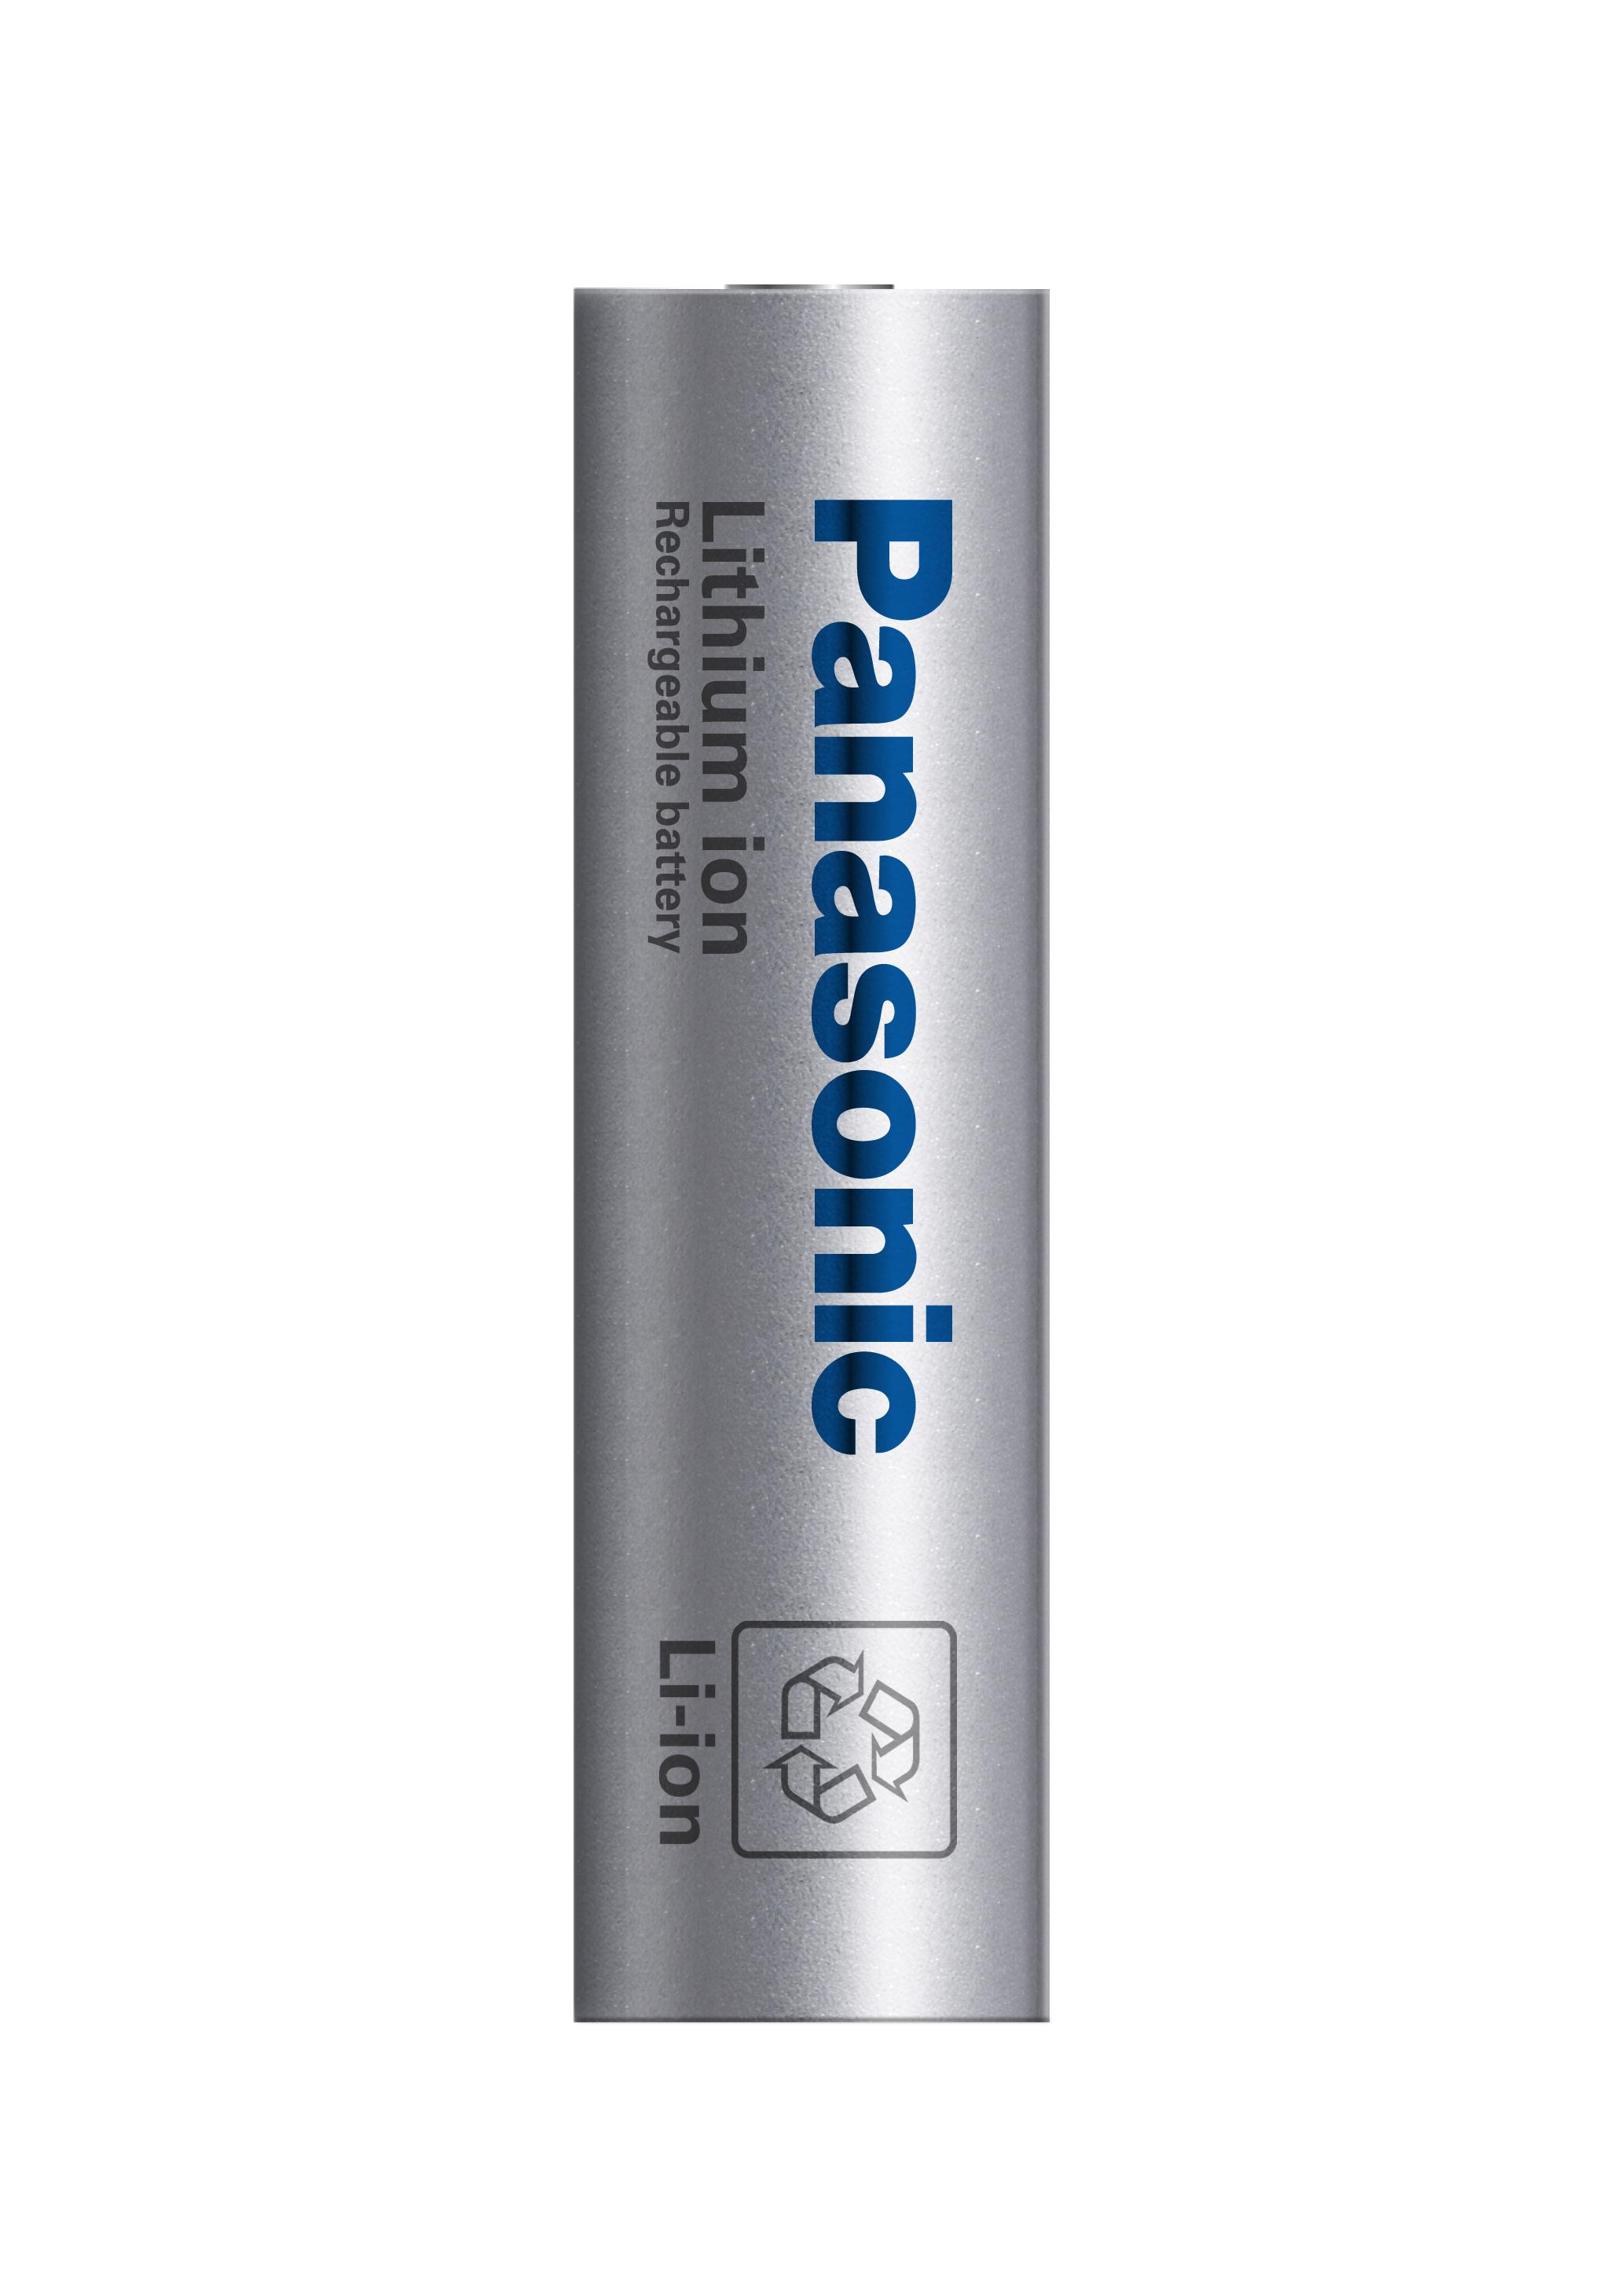 パナソニックの円筒形リチウムイオン電池が「2014年日経優秀製品・サービス賞」で最優秀賞受賞~航続距離500km超の